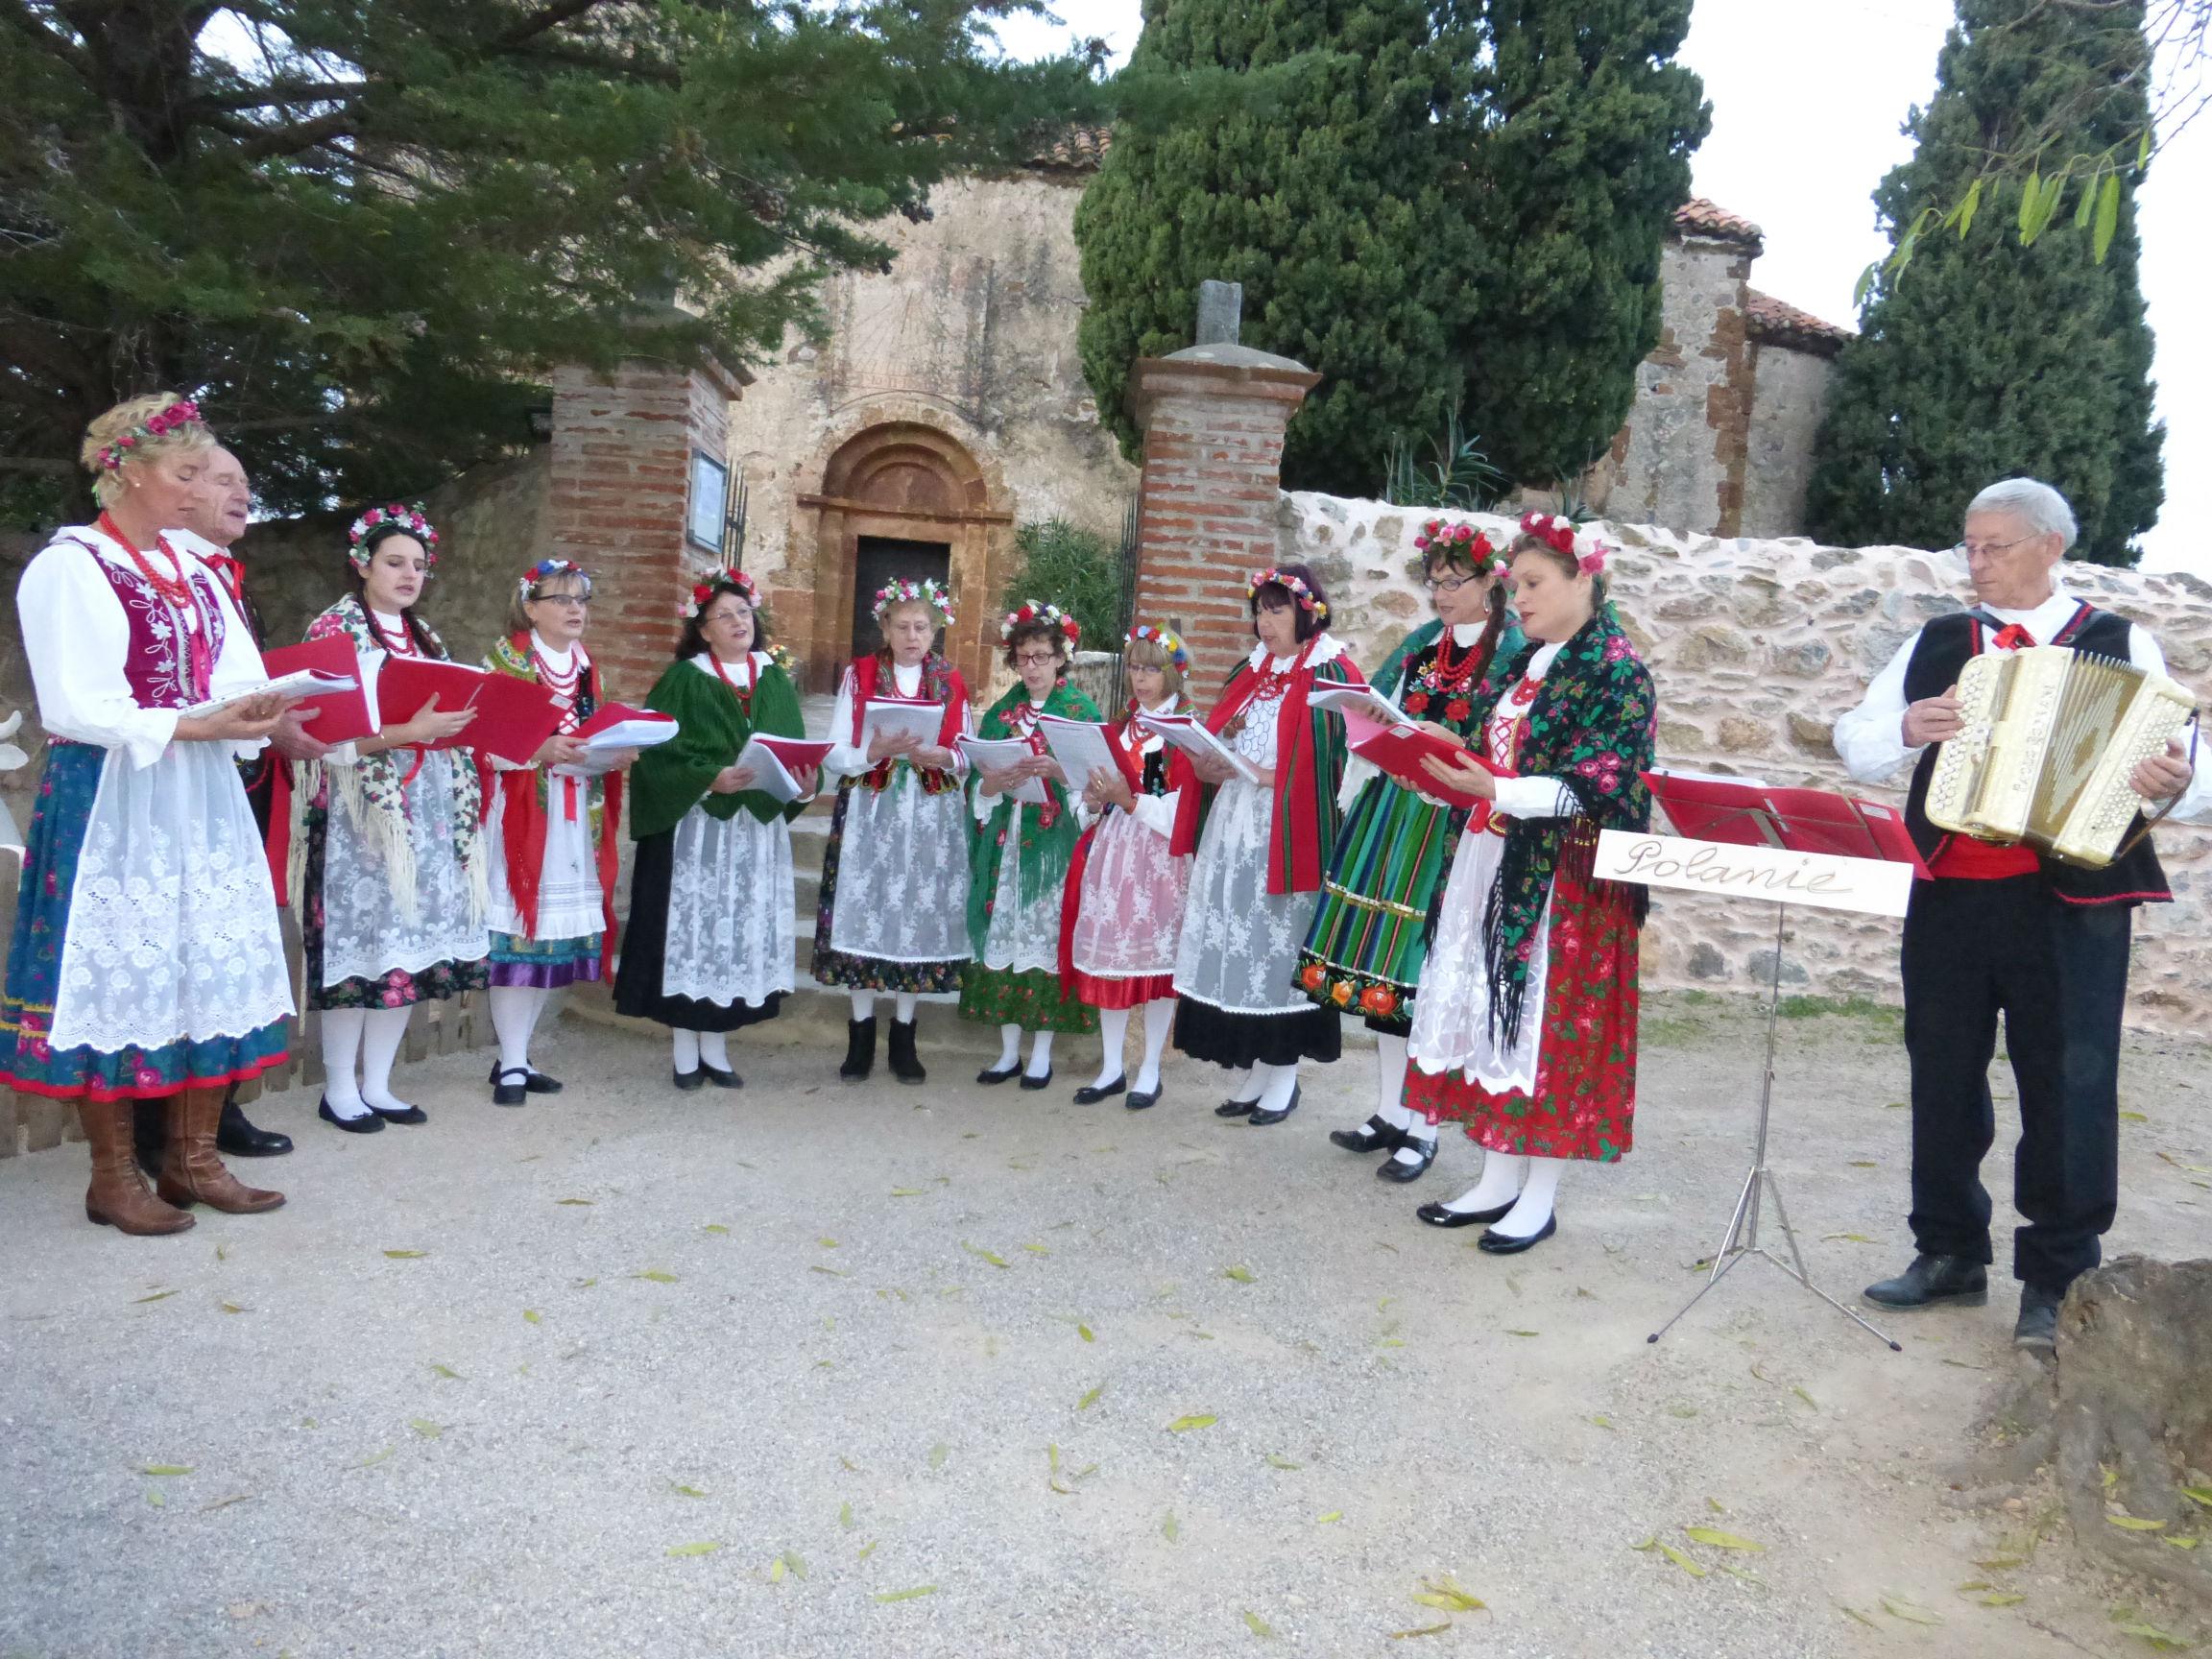 Polanie chante des cantiques de Noël à Castelnou